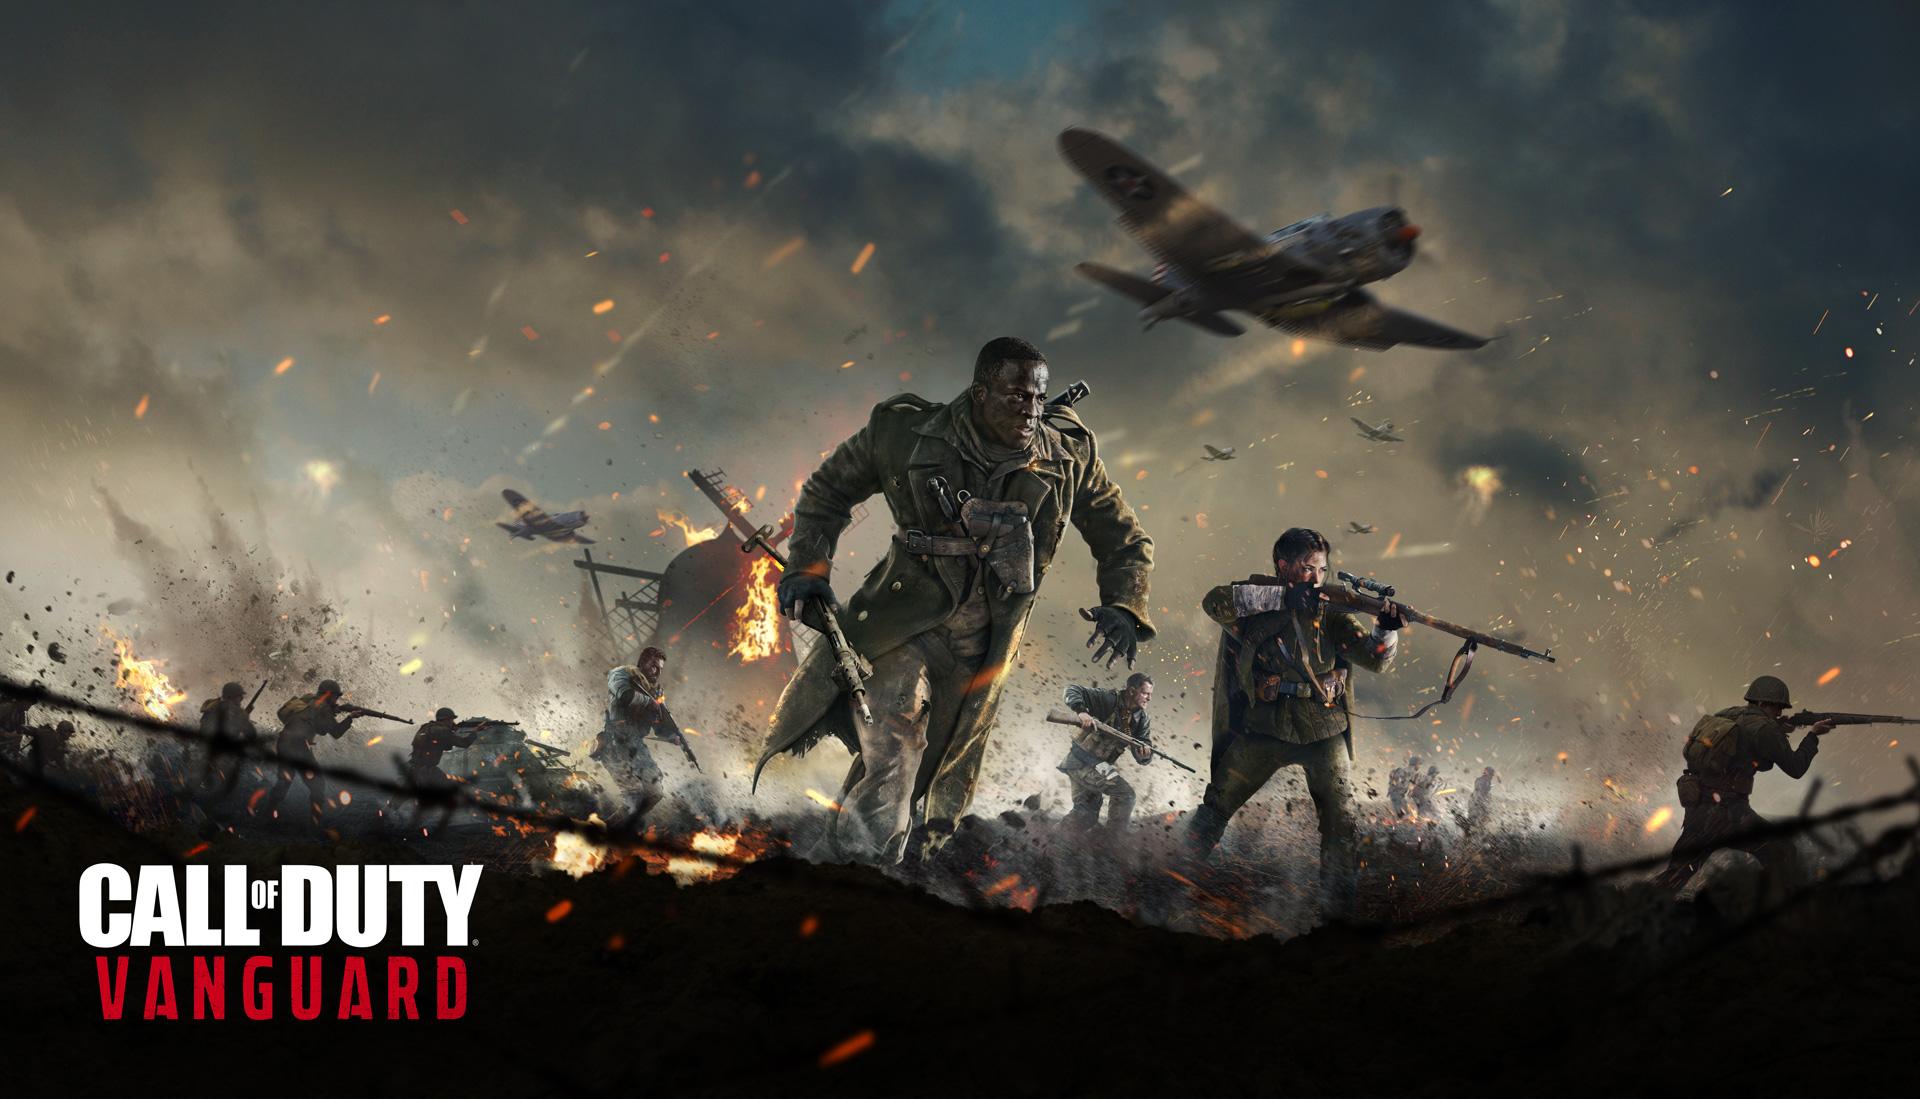 Leet | SSD-t is adnak mellé ajándékba?! - Óriási mérettel ijeszteget a Call  of Duty: Vanguard weboldala - Leet